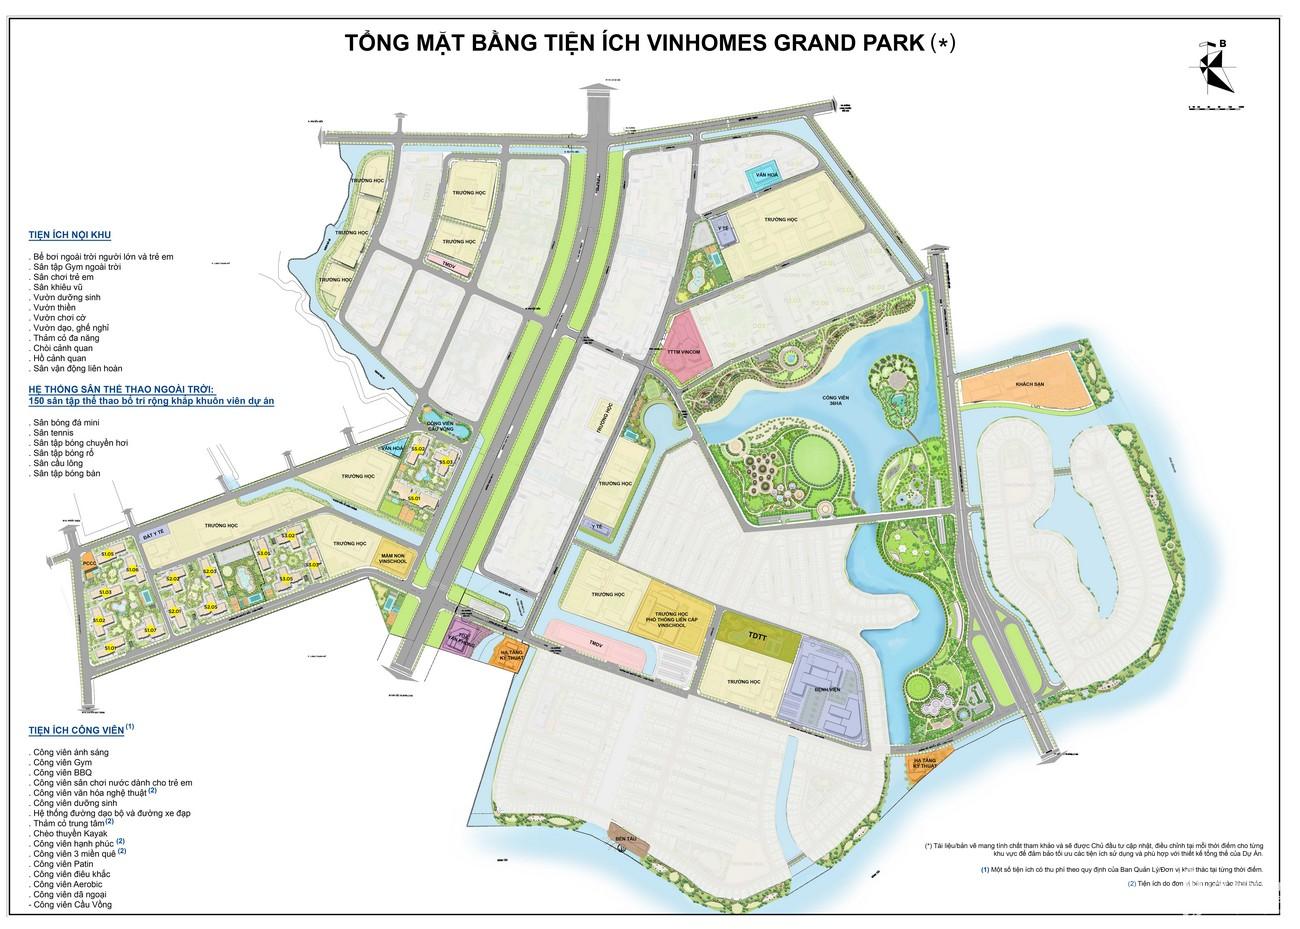 Mặt bằng dự án căn hộ chung cư Vinhomes Grand Park Quận 9 Đường Nguyễn Xiển chủ đầu tư Vingroup